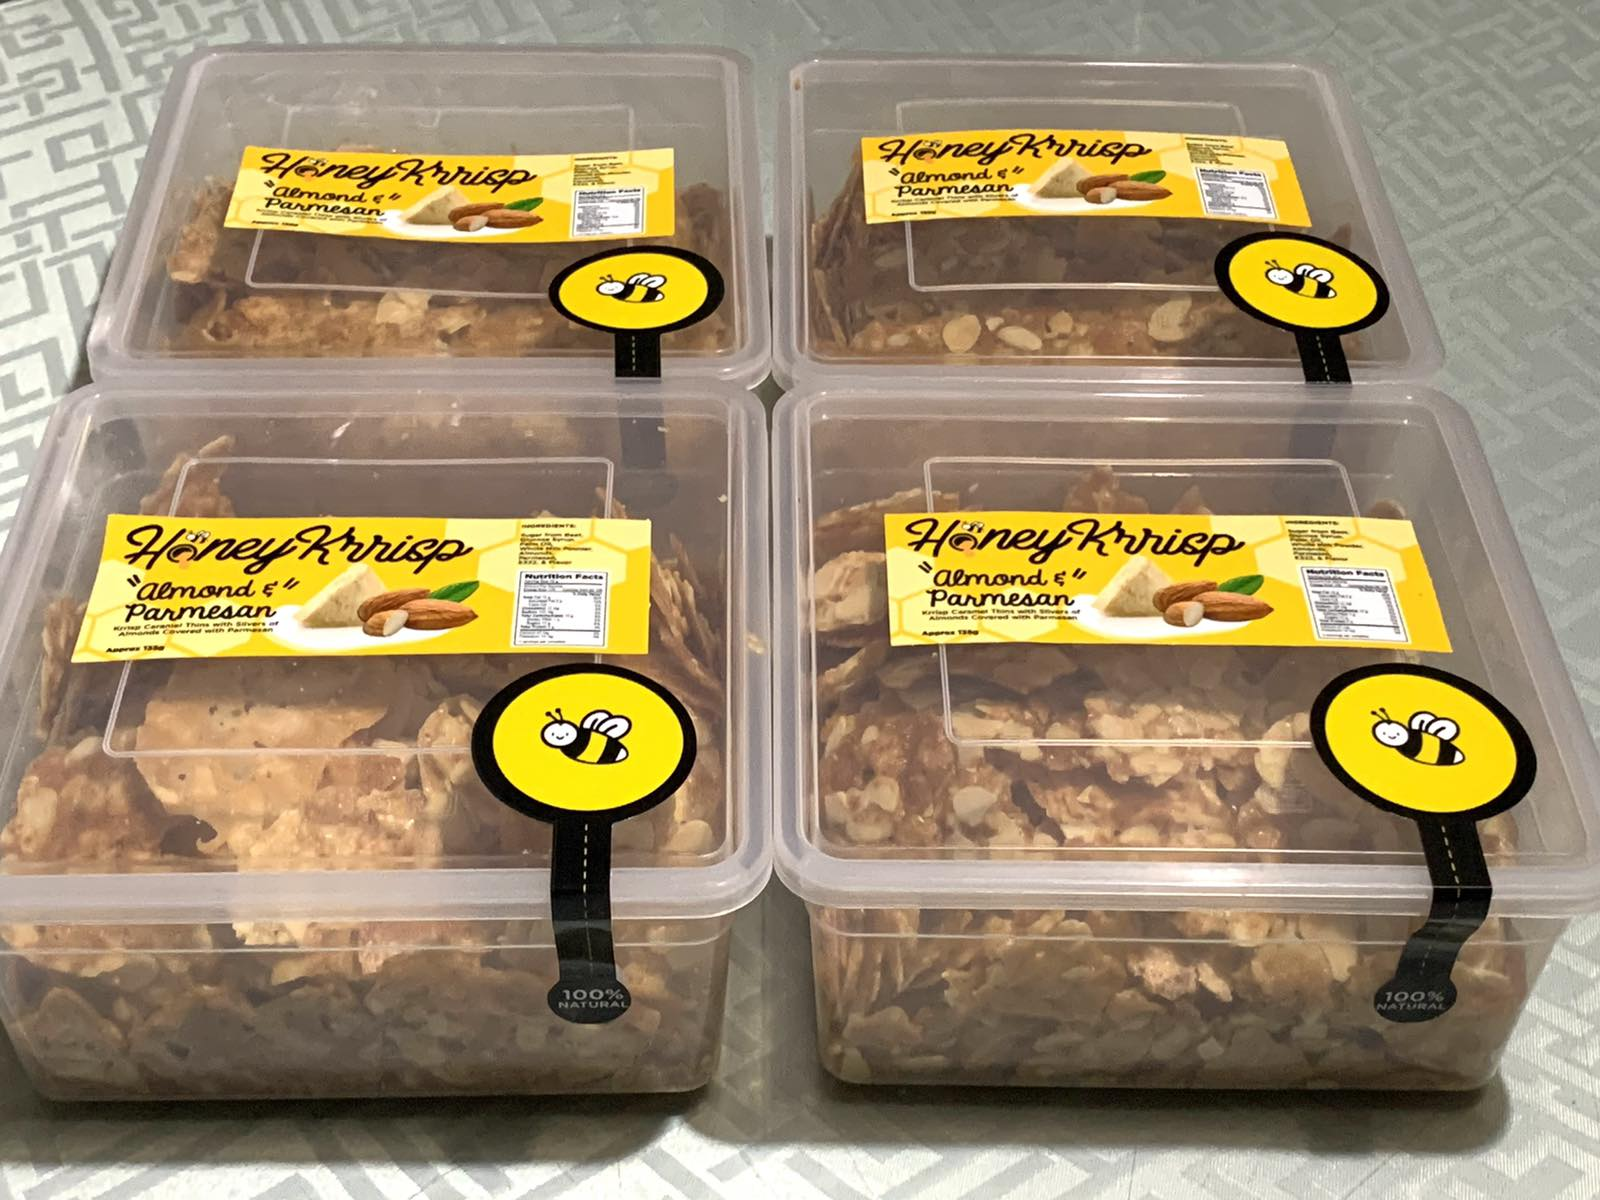 Four plastic containers of Honey Krrisp.